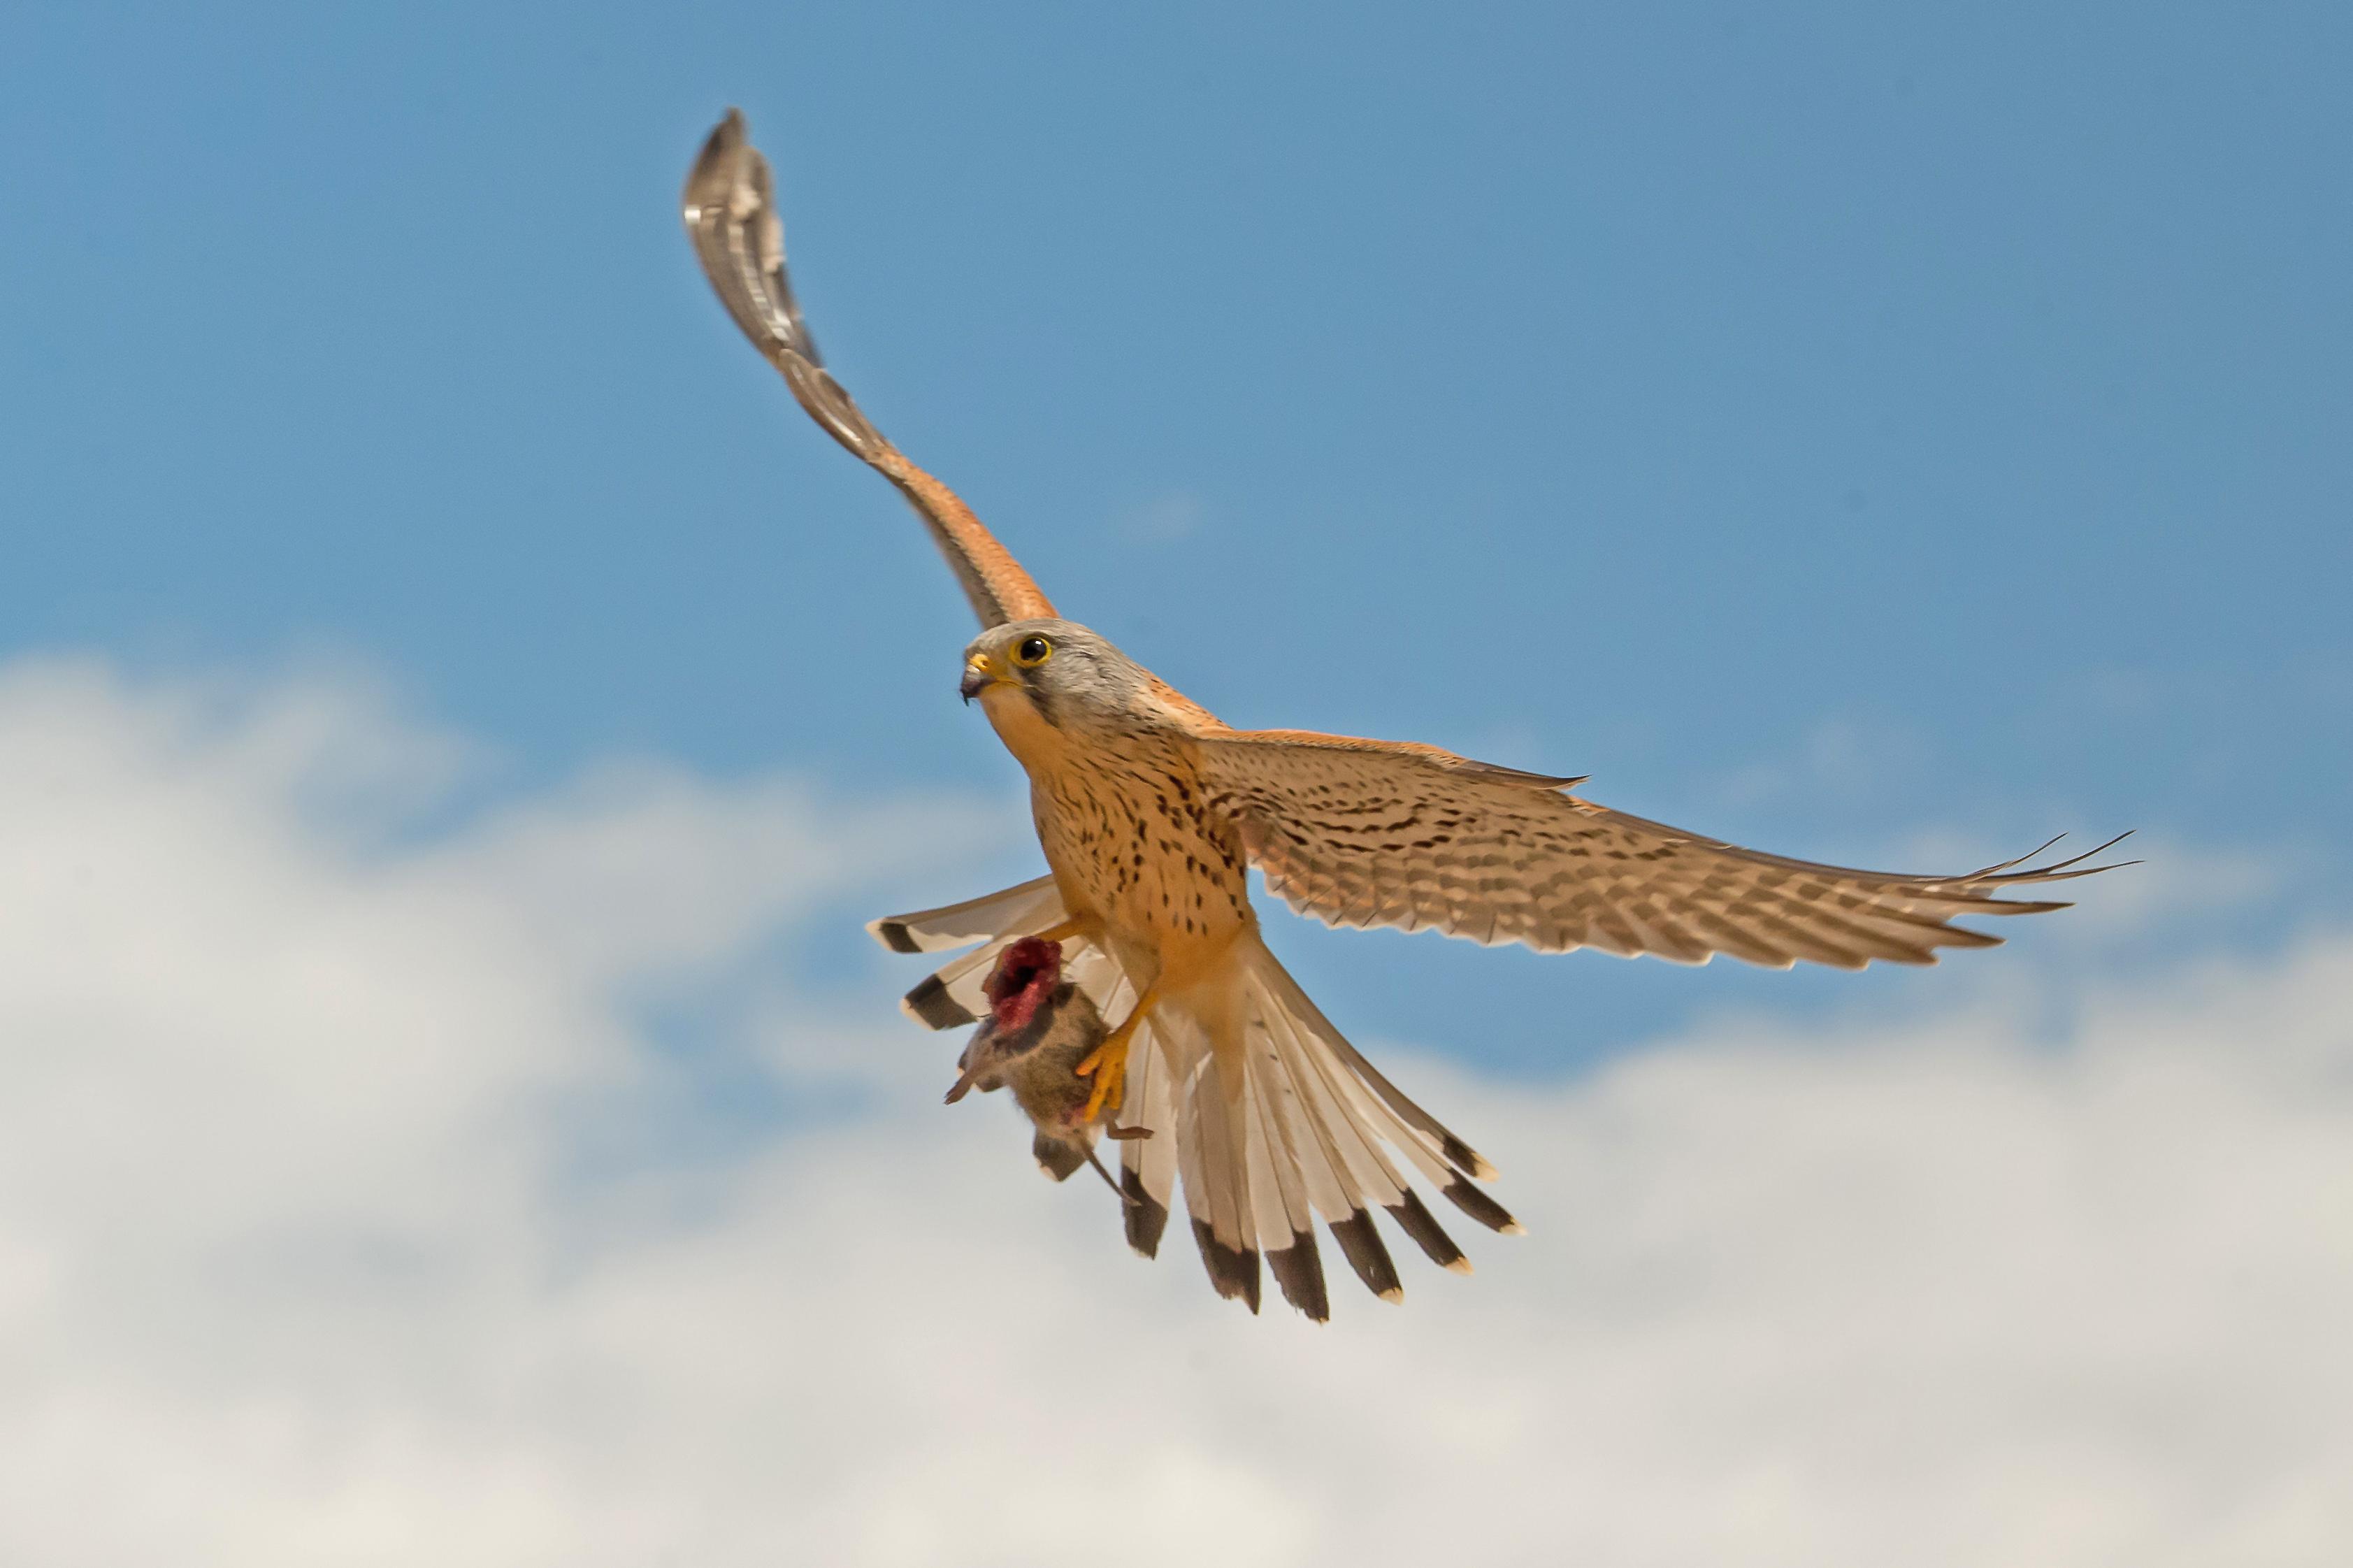 Cernícalo volando camino del nido con un topillo que acaba de apresar.  Imagen: MNCN / Alberto Álvarez / Canon España